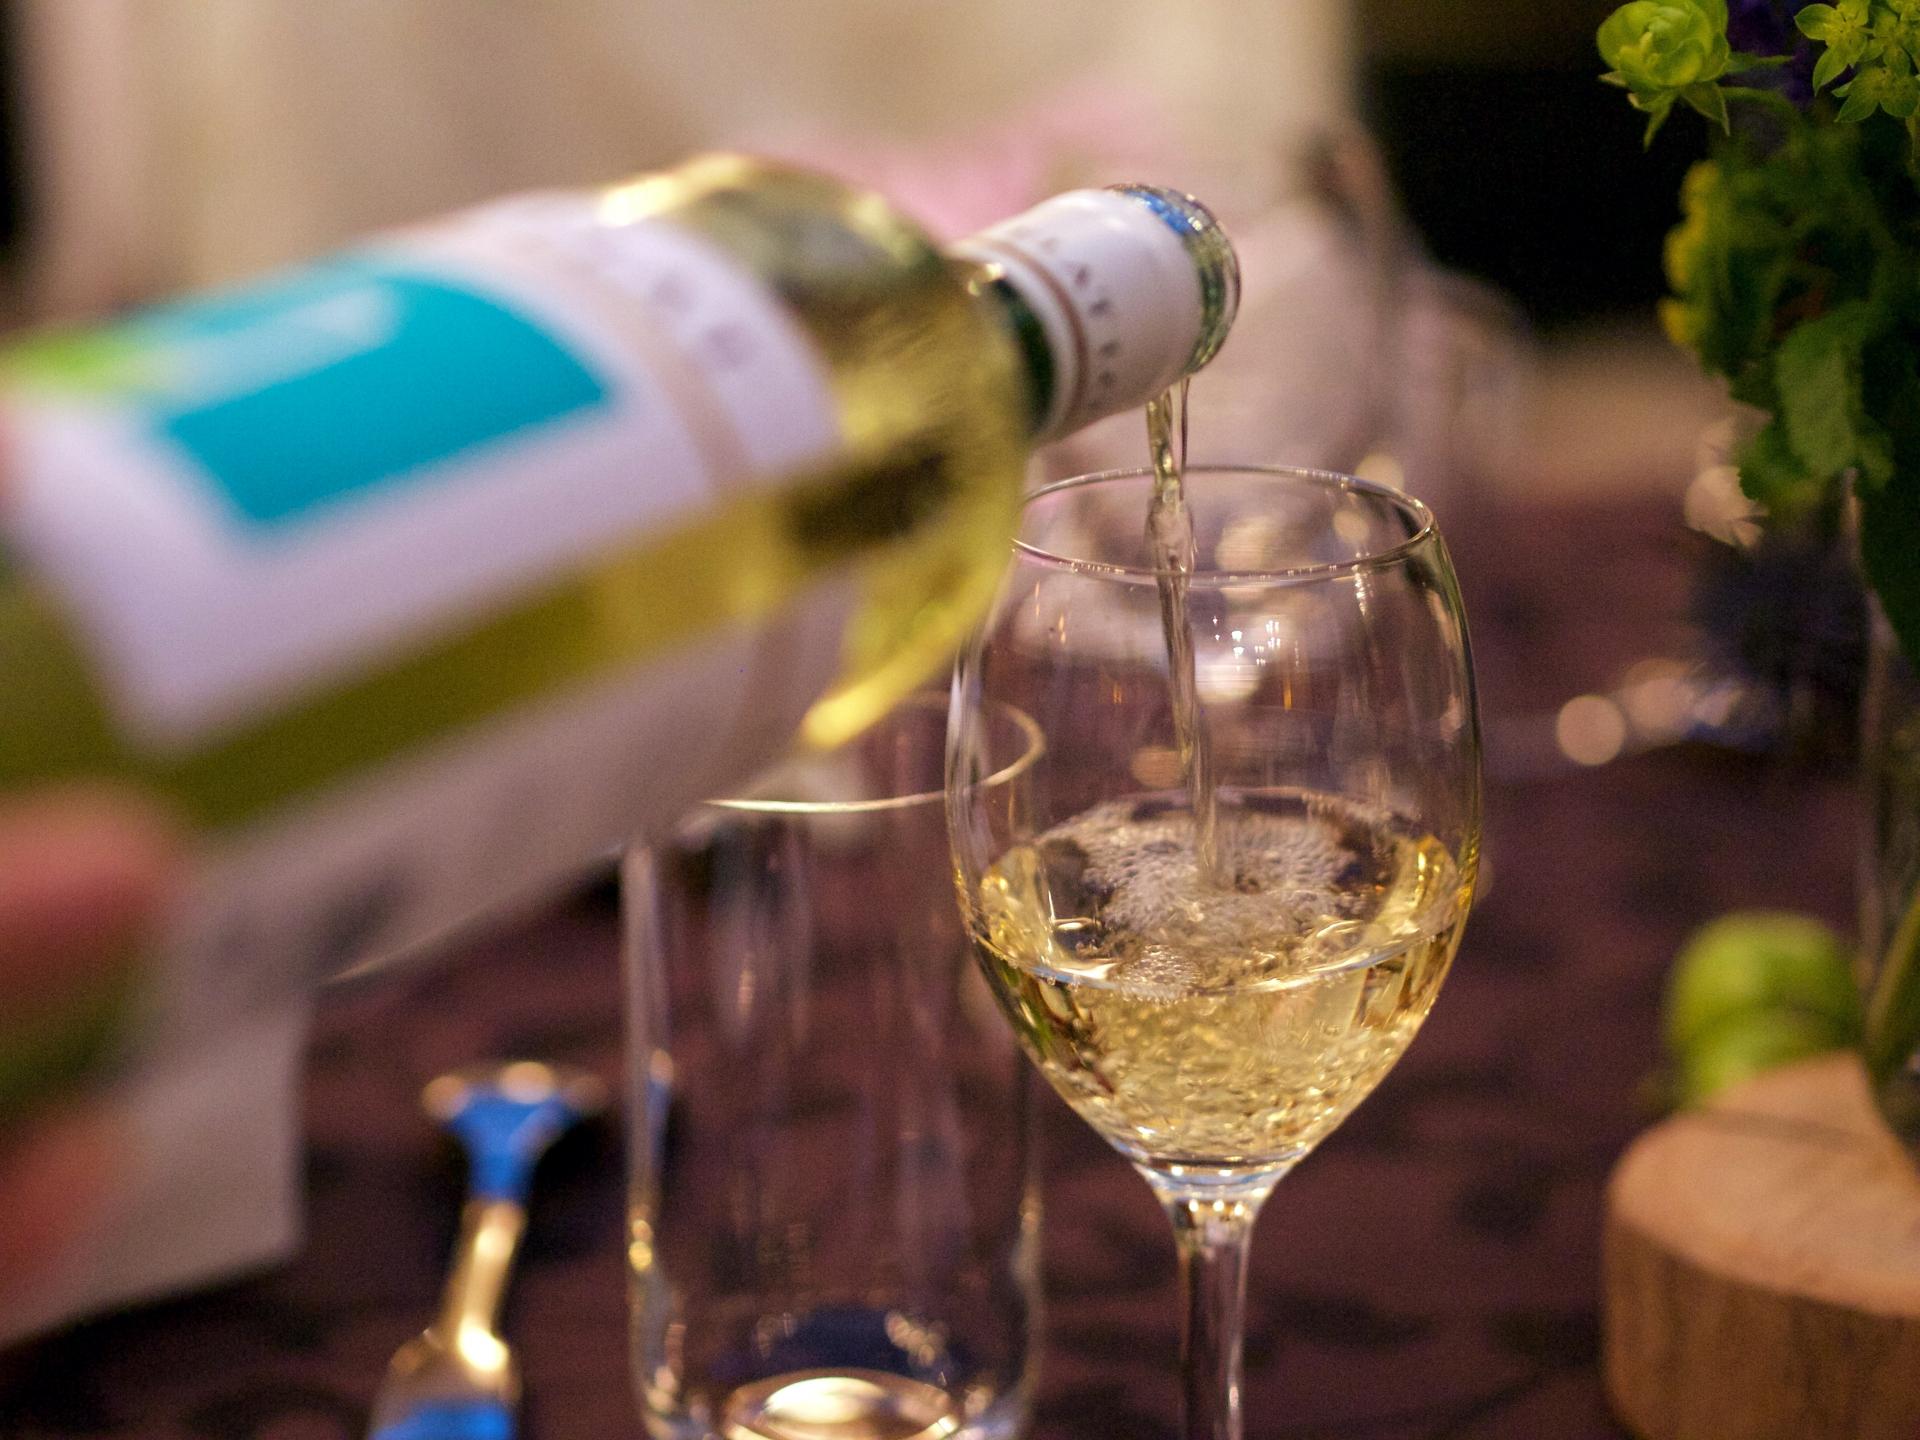 酒のつまみシリーズ第3弾!Uber Eats福岡加盟店の白ワインに合うおつまみ4選!